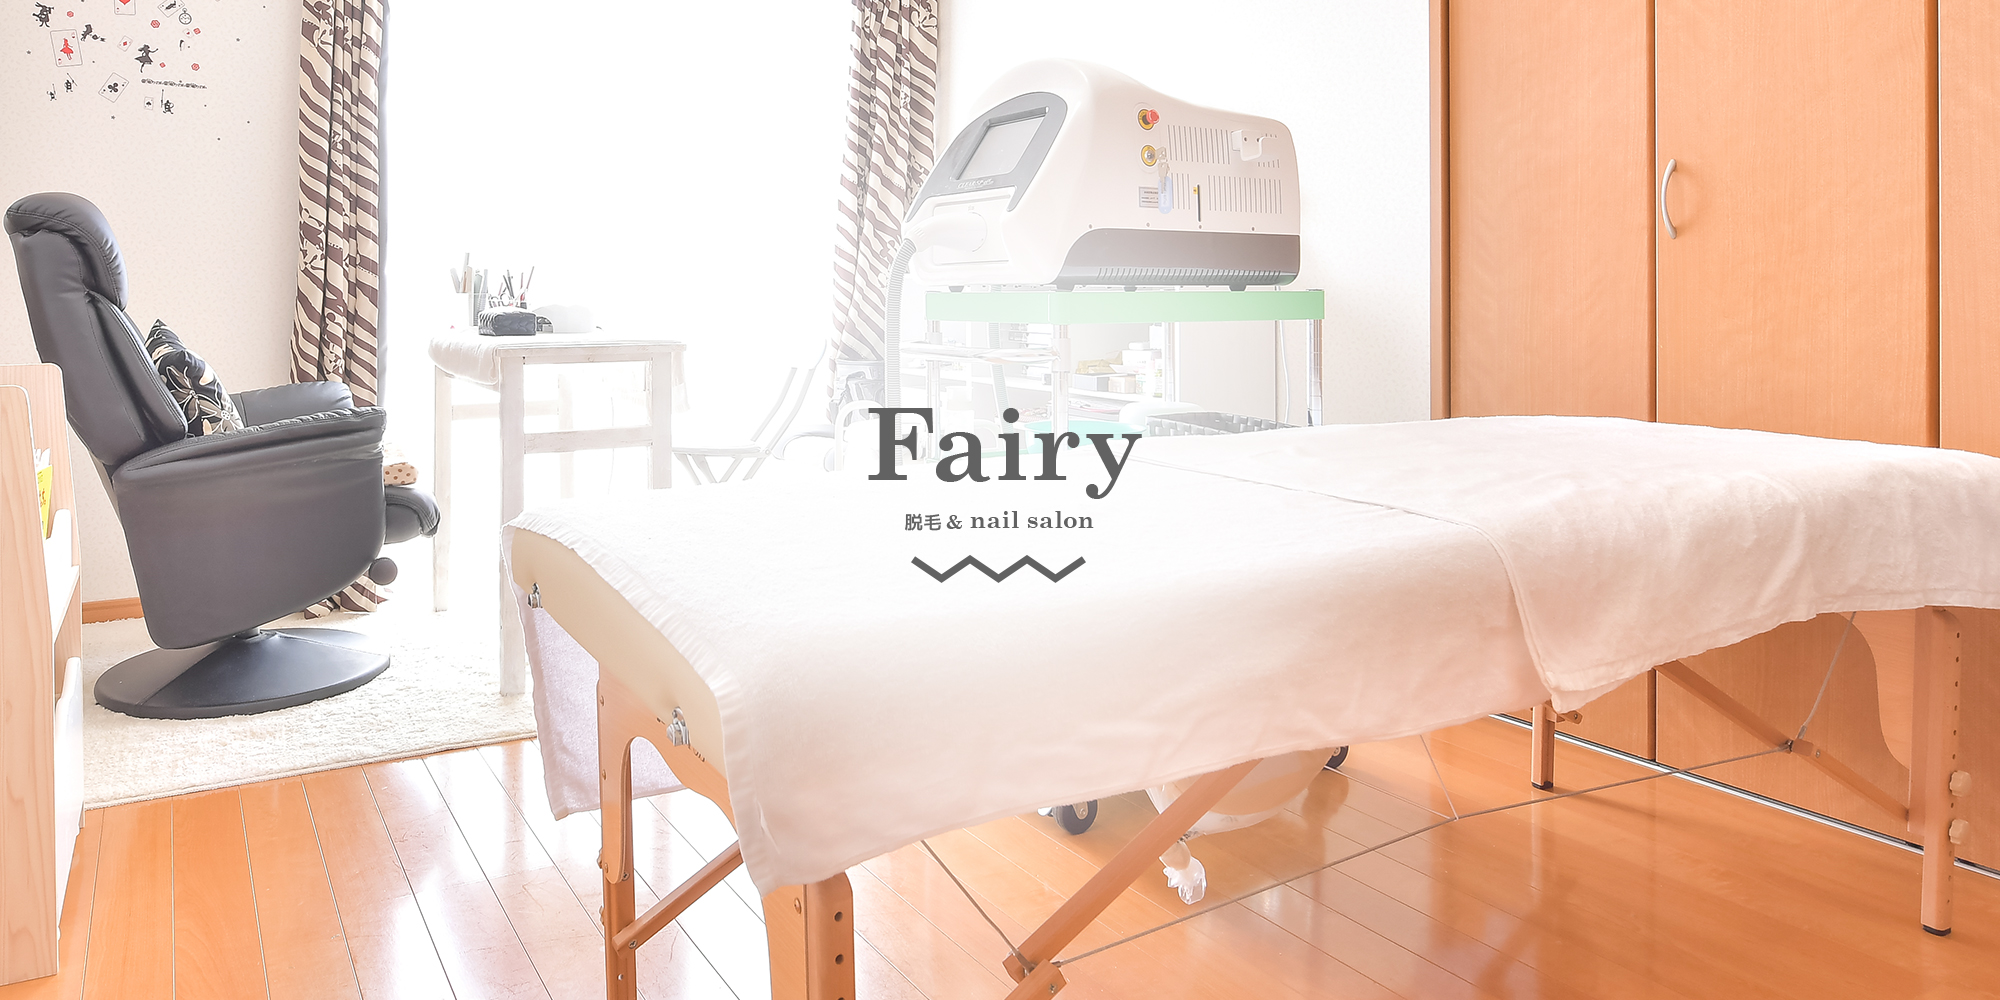 脱毛&nail salon Fairy